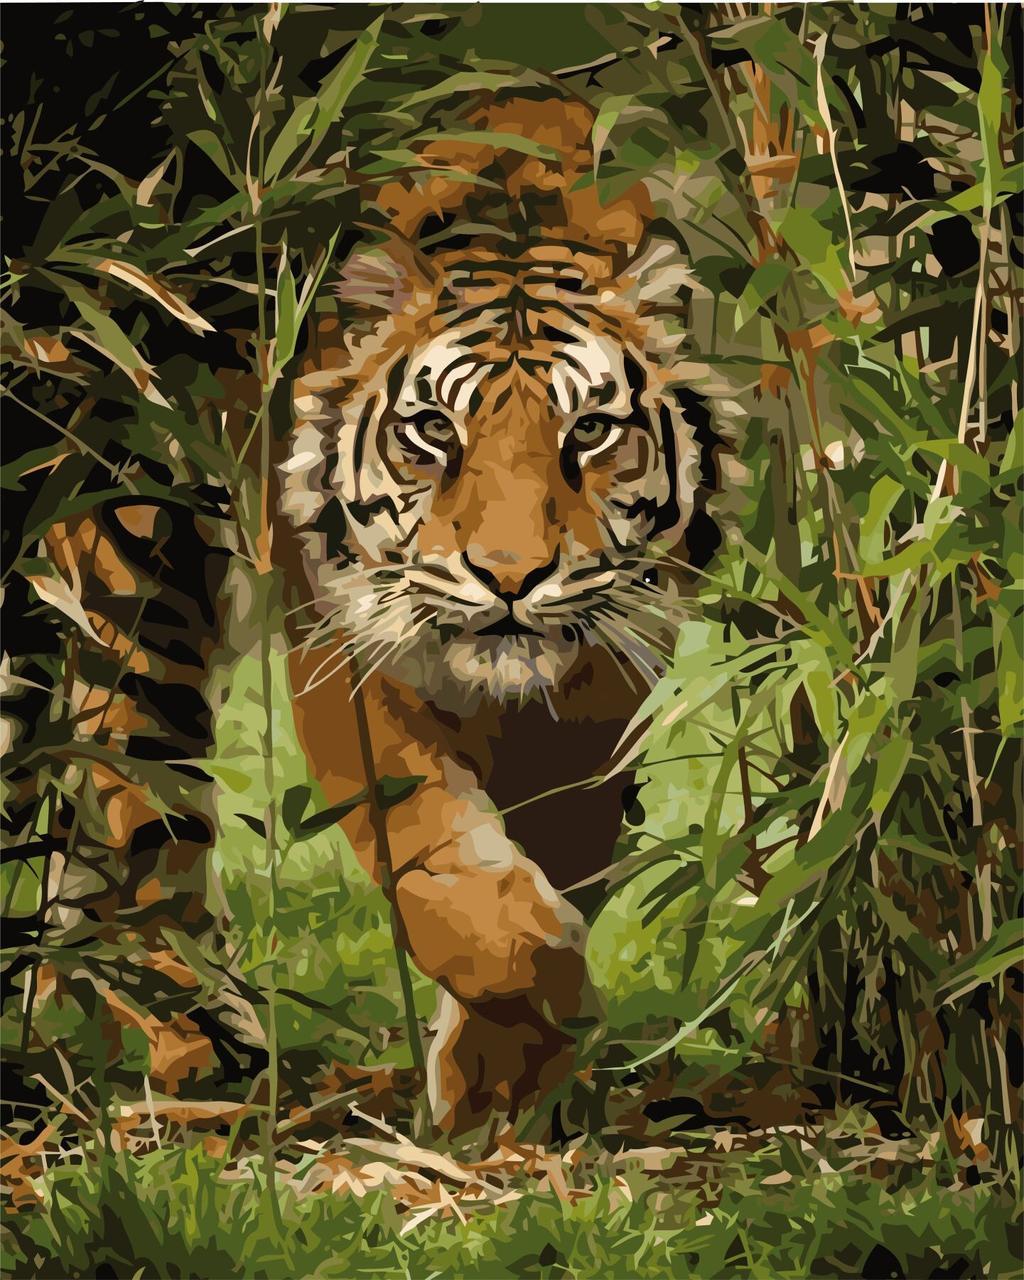 КНО4043 Раскраска по номерам Король джунглей, Без коробки